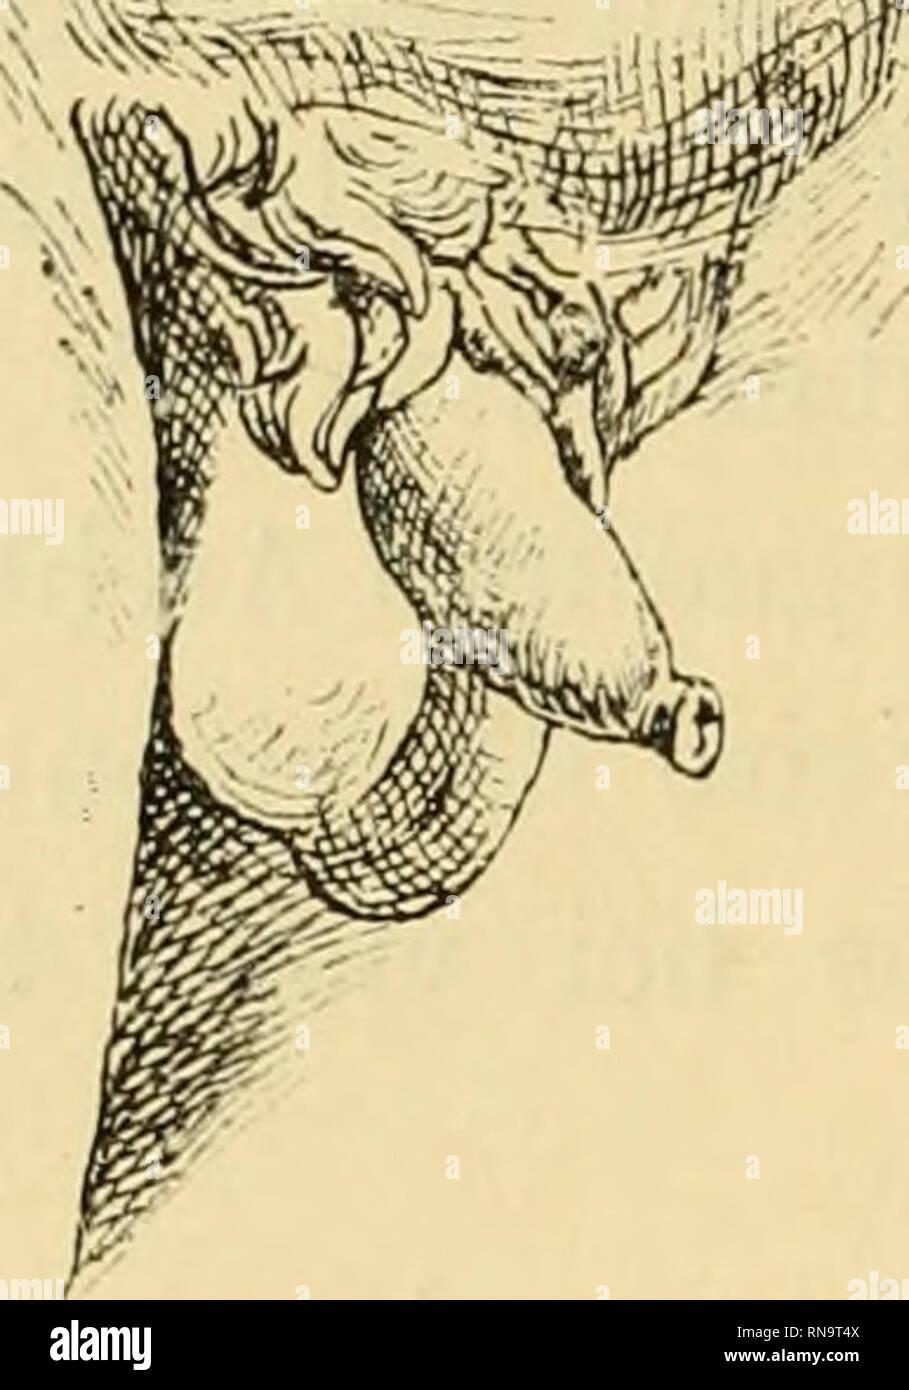 . Anatomische Hefte. 278 L. STIEDA, ist das Glied eines kräftigen Mannes, / einems Etruski - Schweizerische Zeitschrift Spiegel kopiert (Litt.-V. Nr. 20). Abb. 20 (2). Bitte beachten Sie, dass diese Bilder sind von der gescannten Seite Bilder, die digital für die Lesbarkeit verbessert haben mögen - Färbung und Aussehen dieser Abbildungen können nicht perfekt dem Original ähneln. extrahiert. München [etc. ] J. F. Bergmann Stockbild